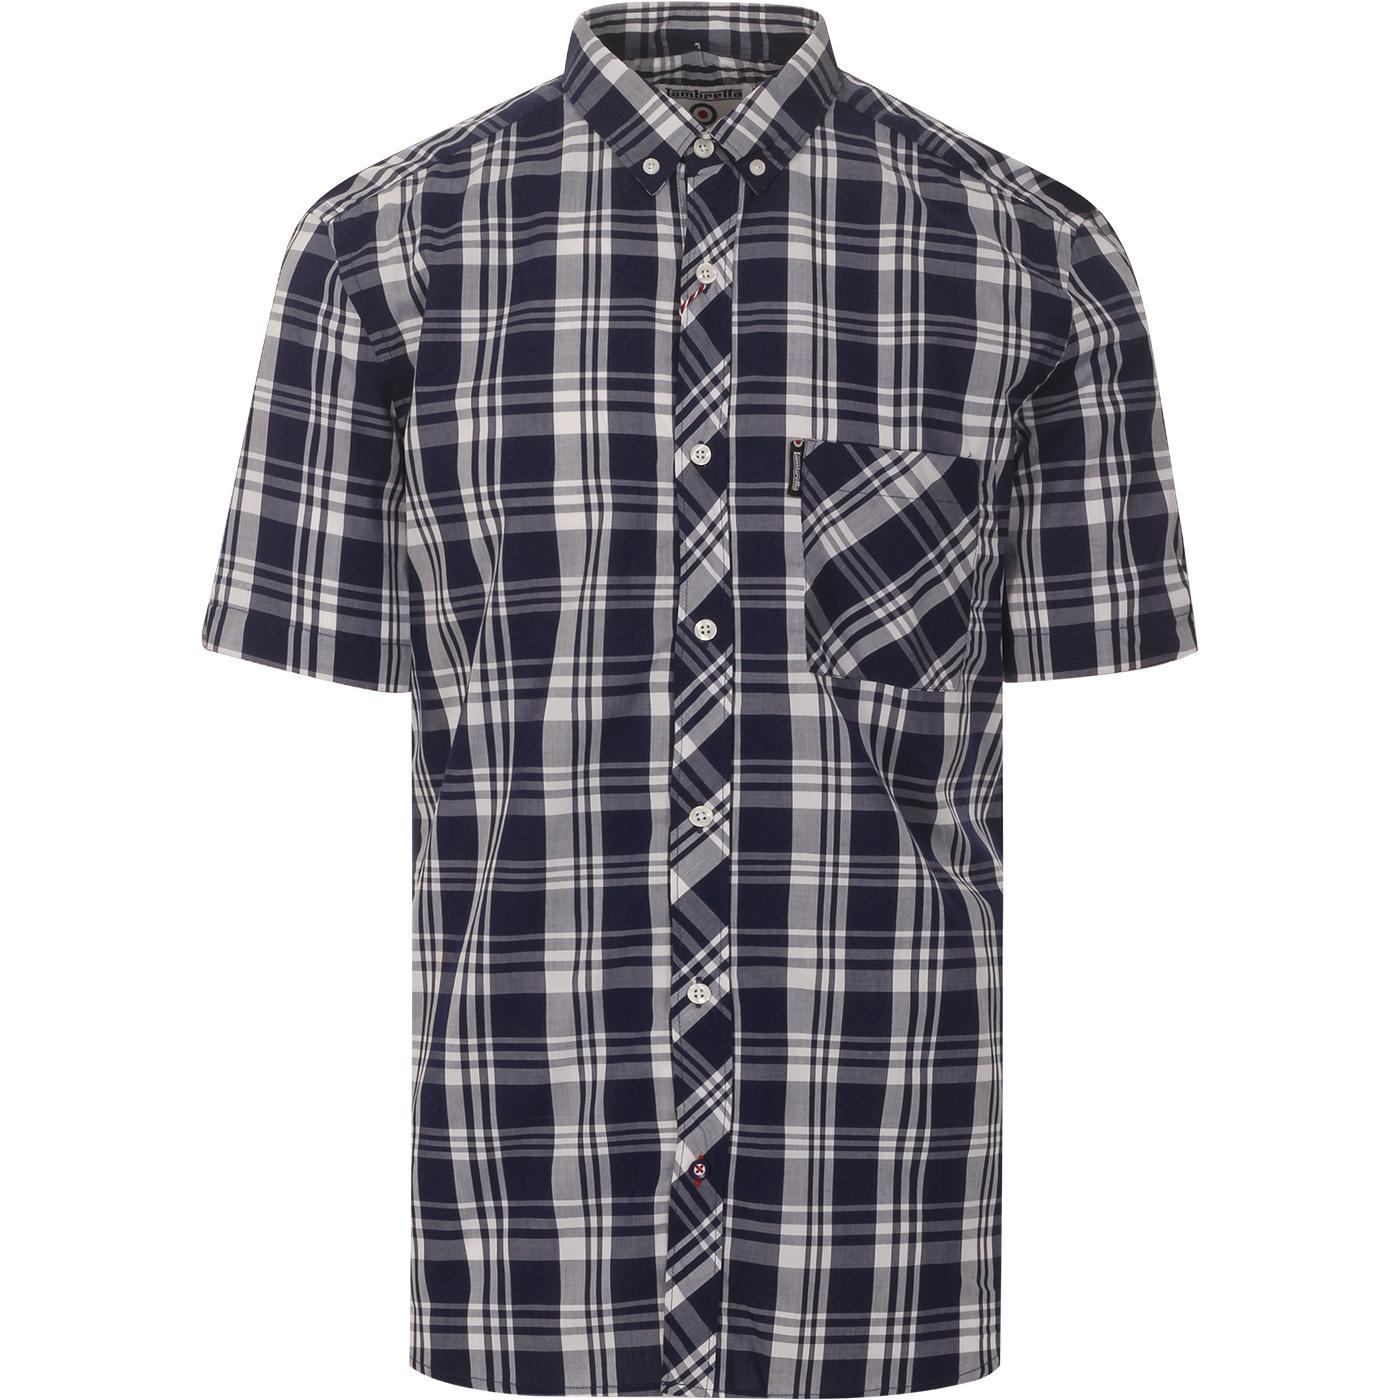 LAMBRETTA Men's Mod S/S Check Shirt (Navy/White)